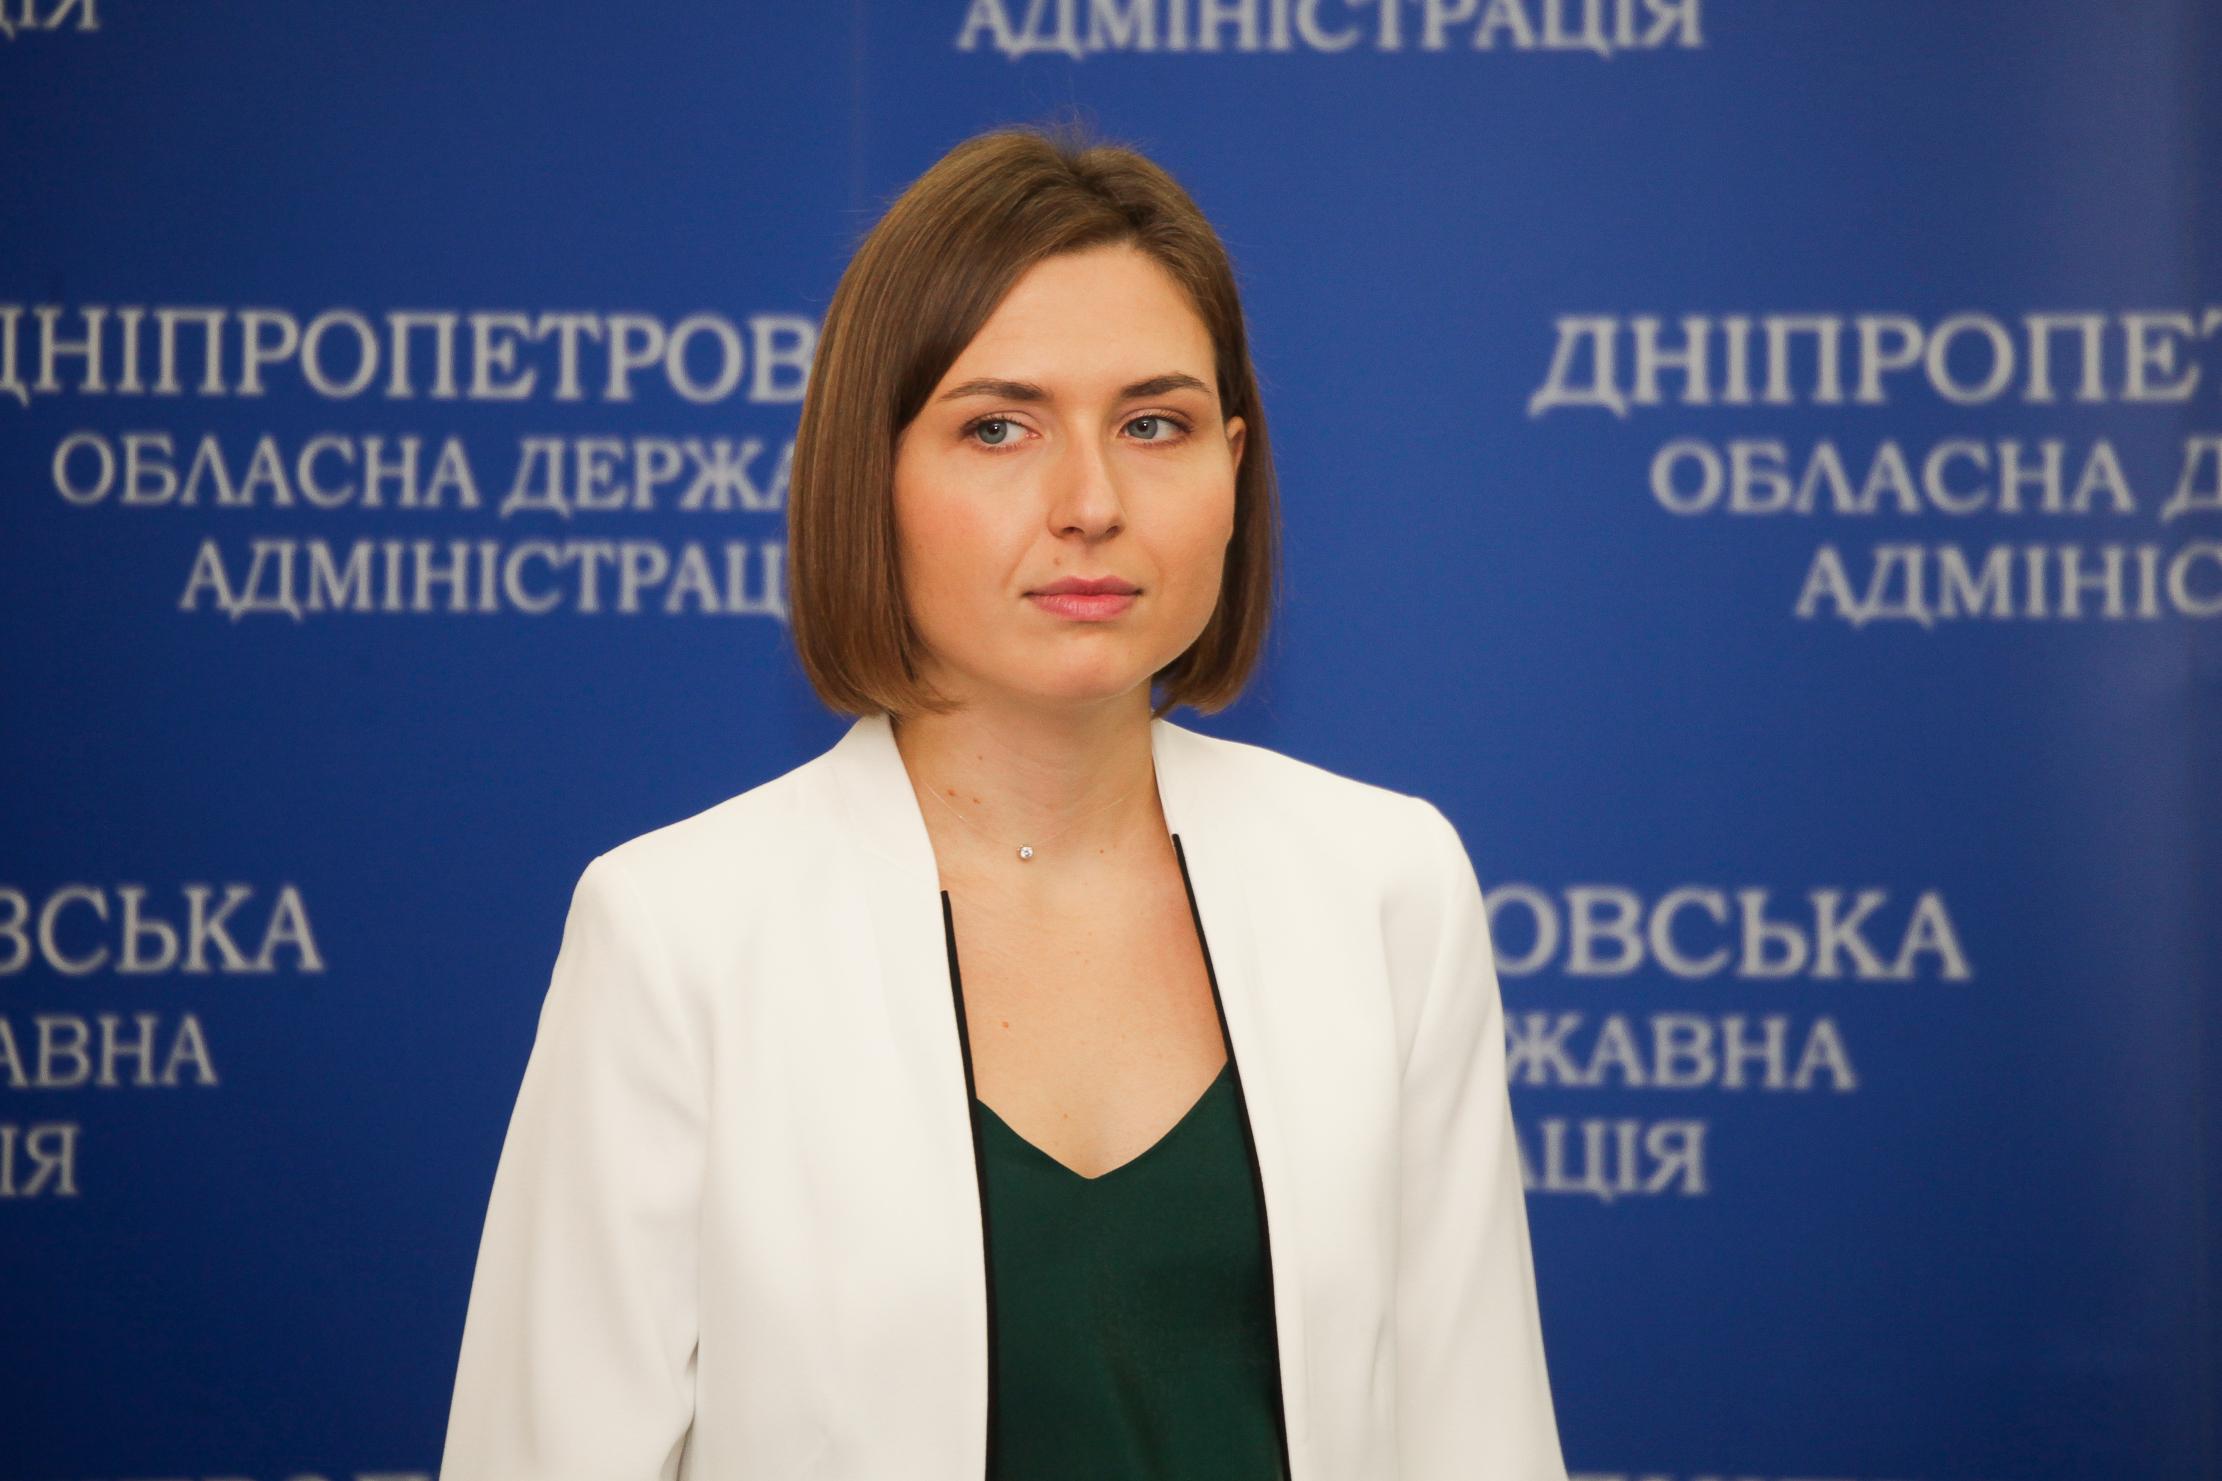 Ганна Новосад: «Ми зі своєї сторони будемо максимально фінансово підтримувати наповнення освітнього простору Дніпропетровщини»